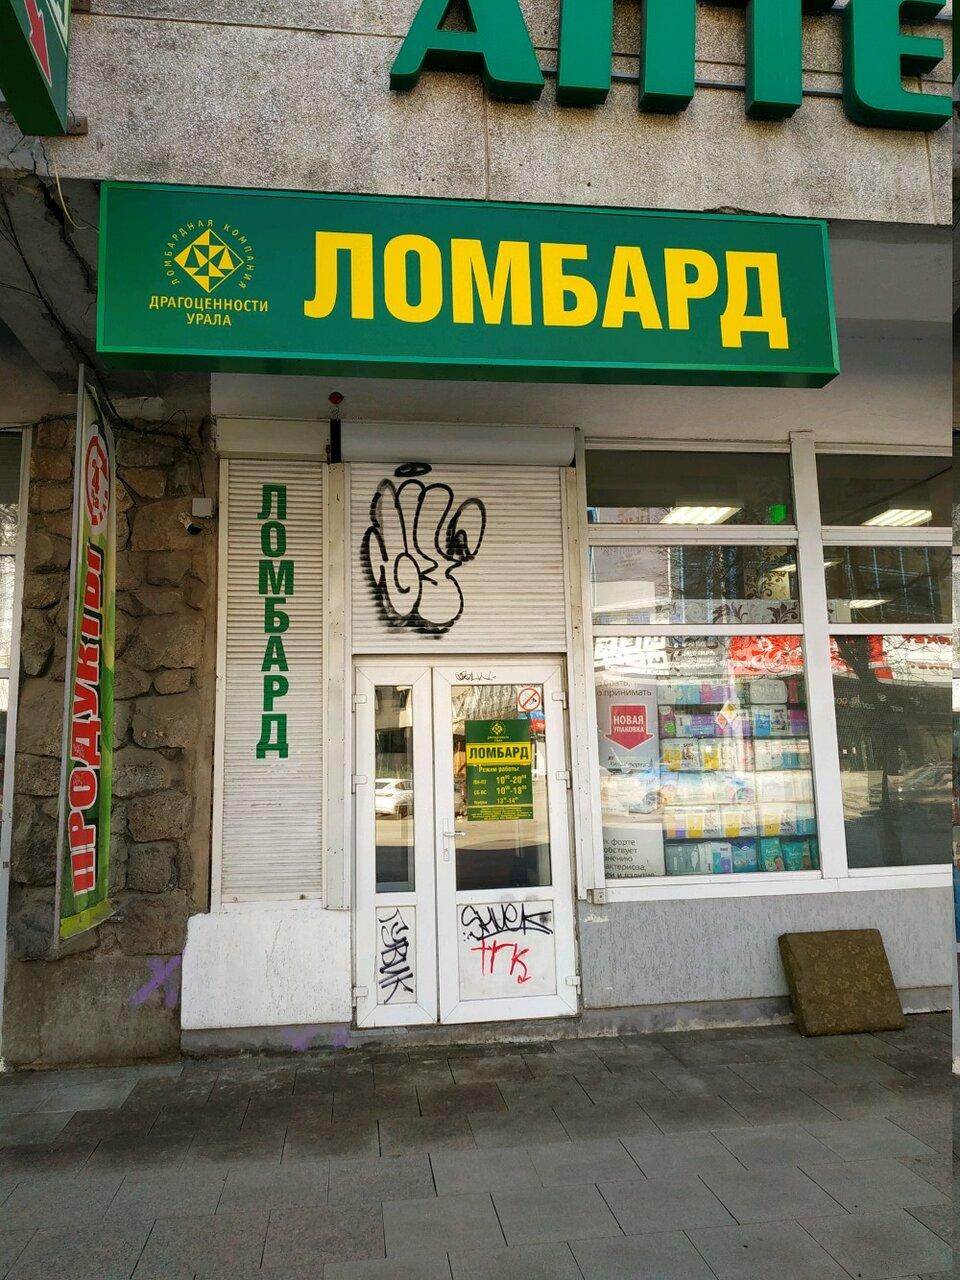 Урала отзывы драгоценности ломбард ломбард элитные купить часы